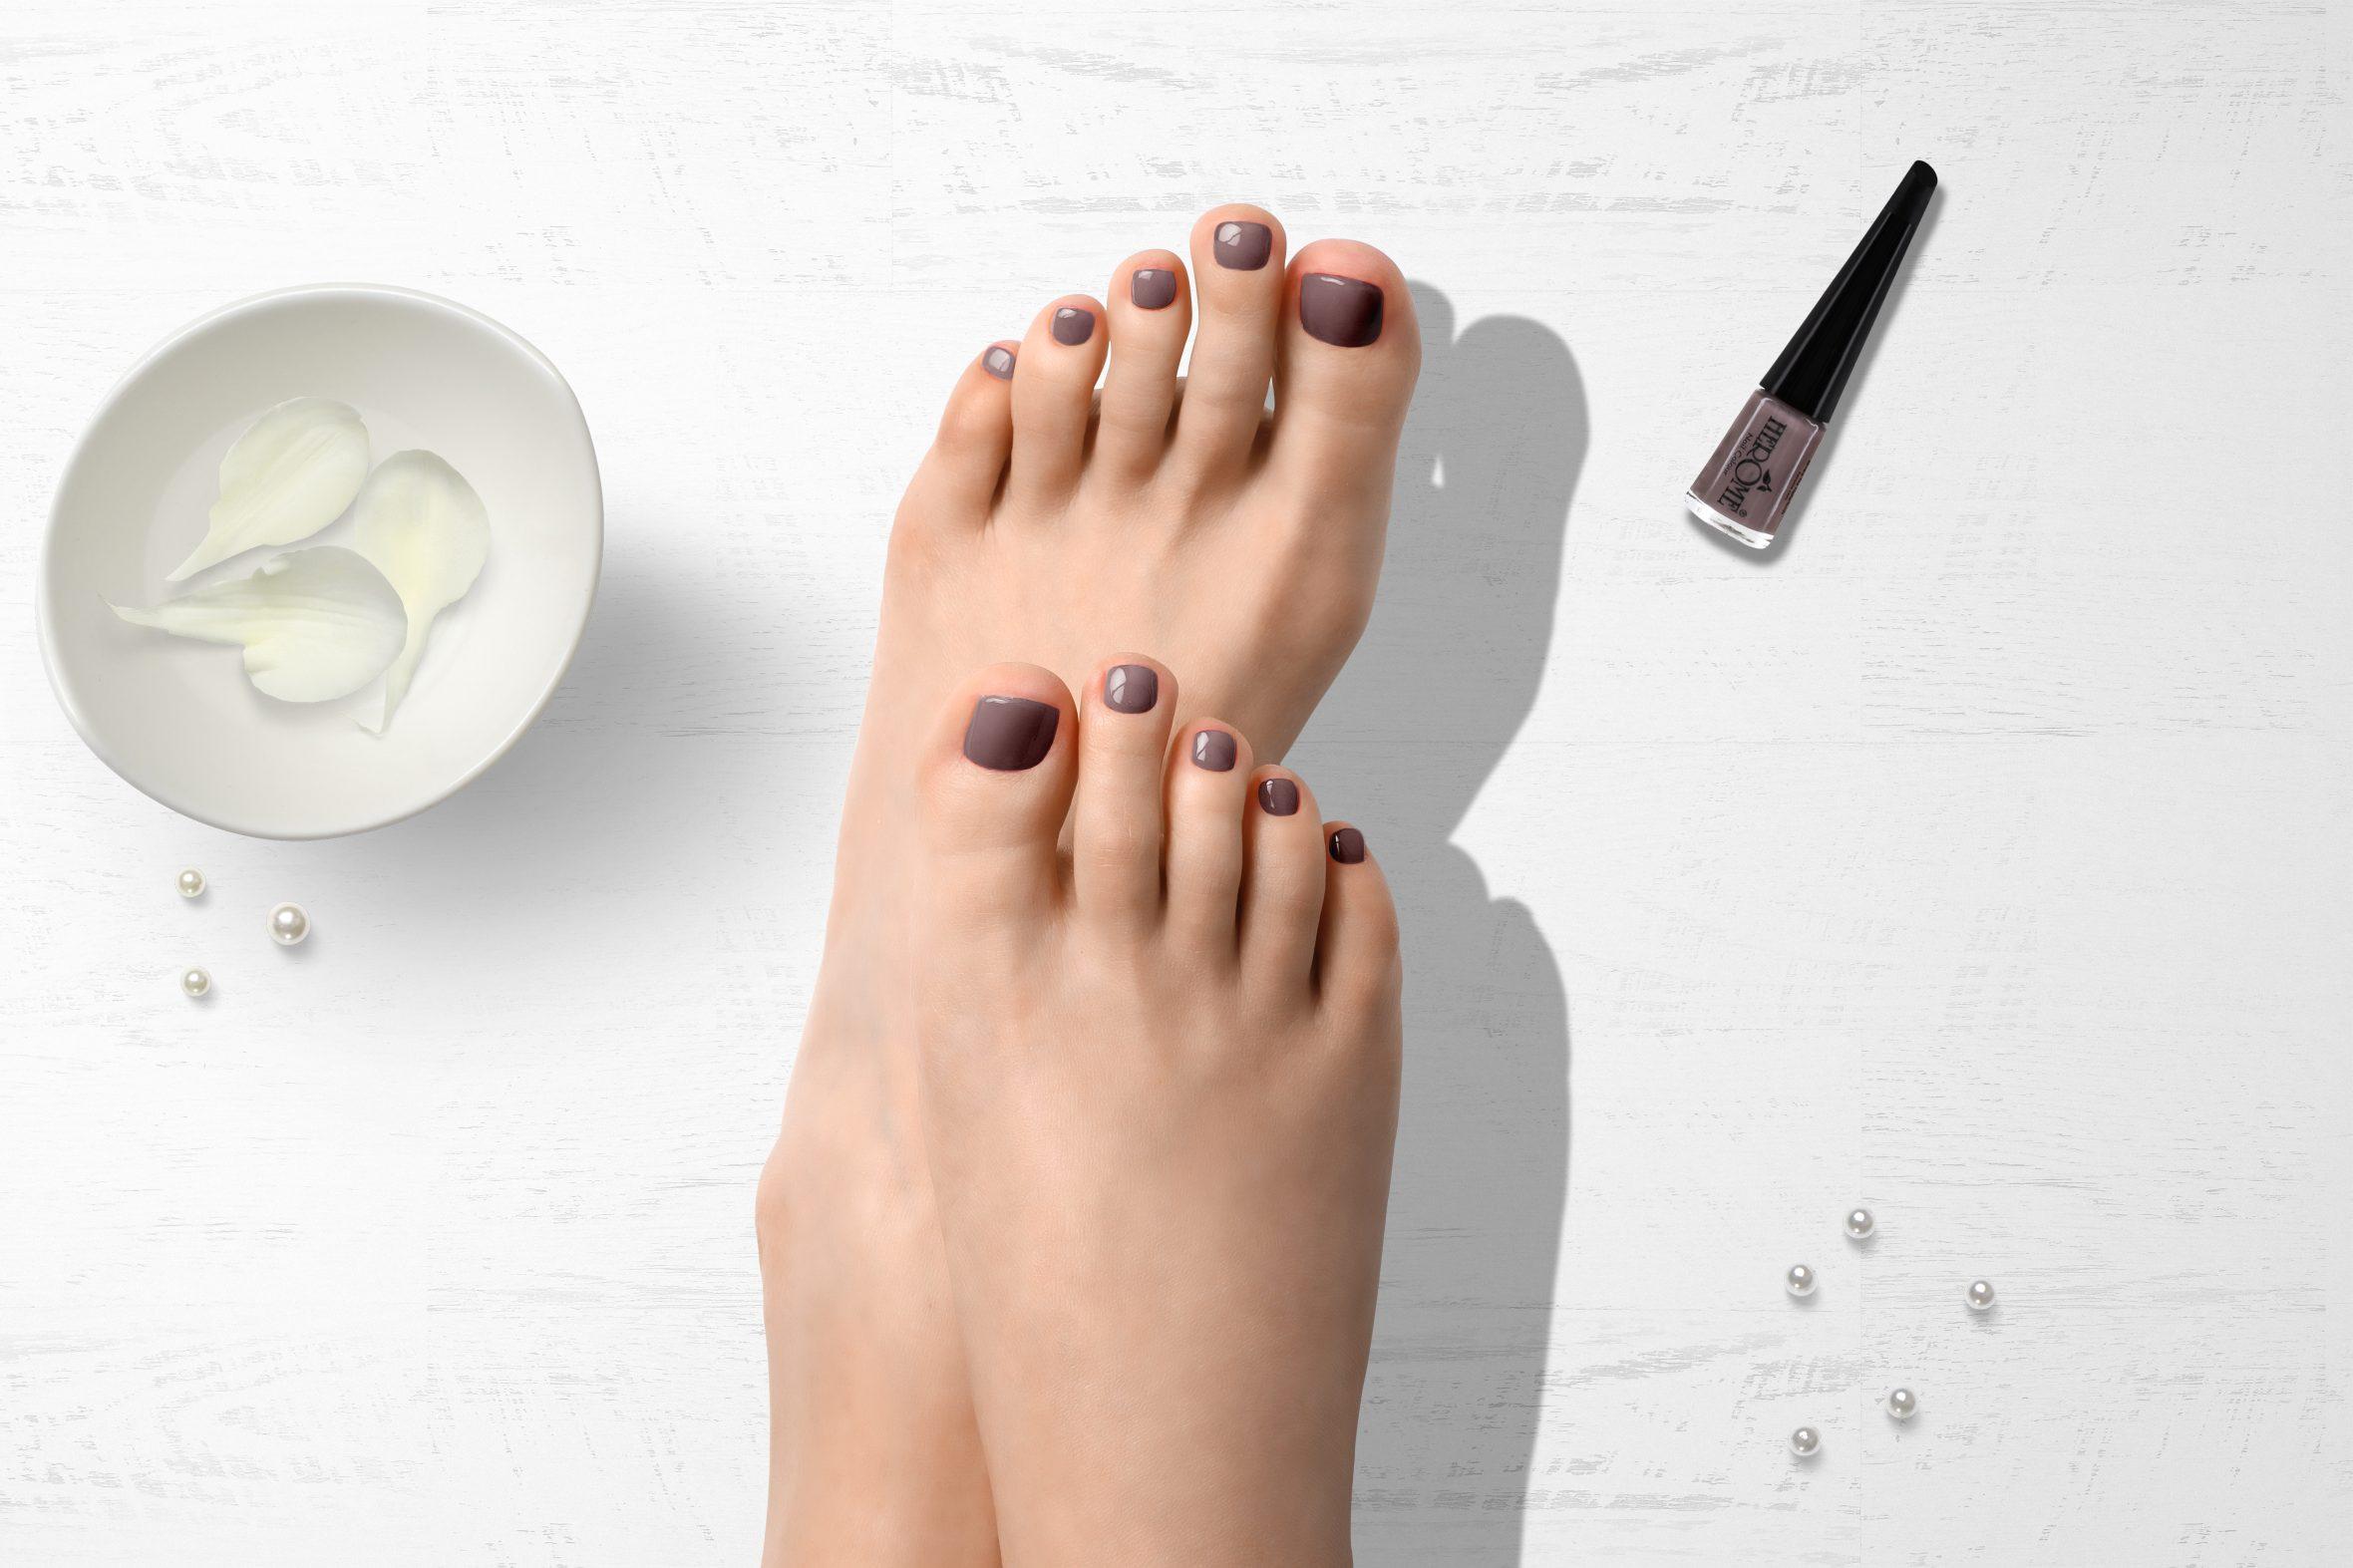 Herôme nude nagellak op teennagels